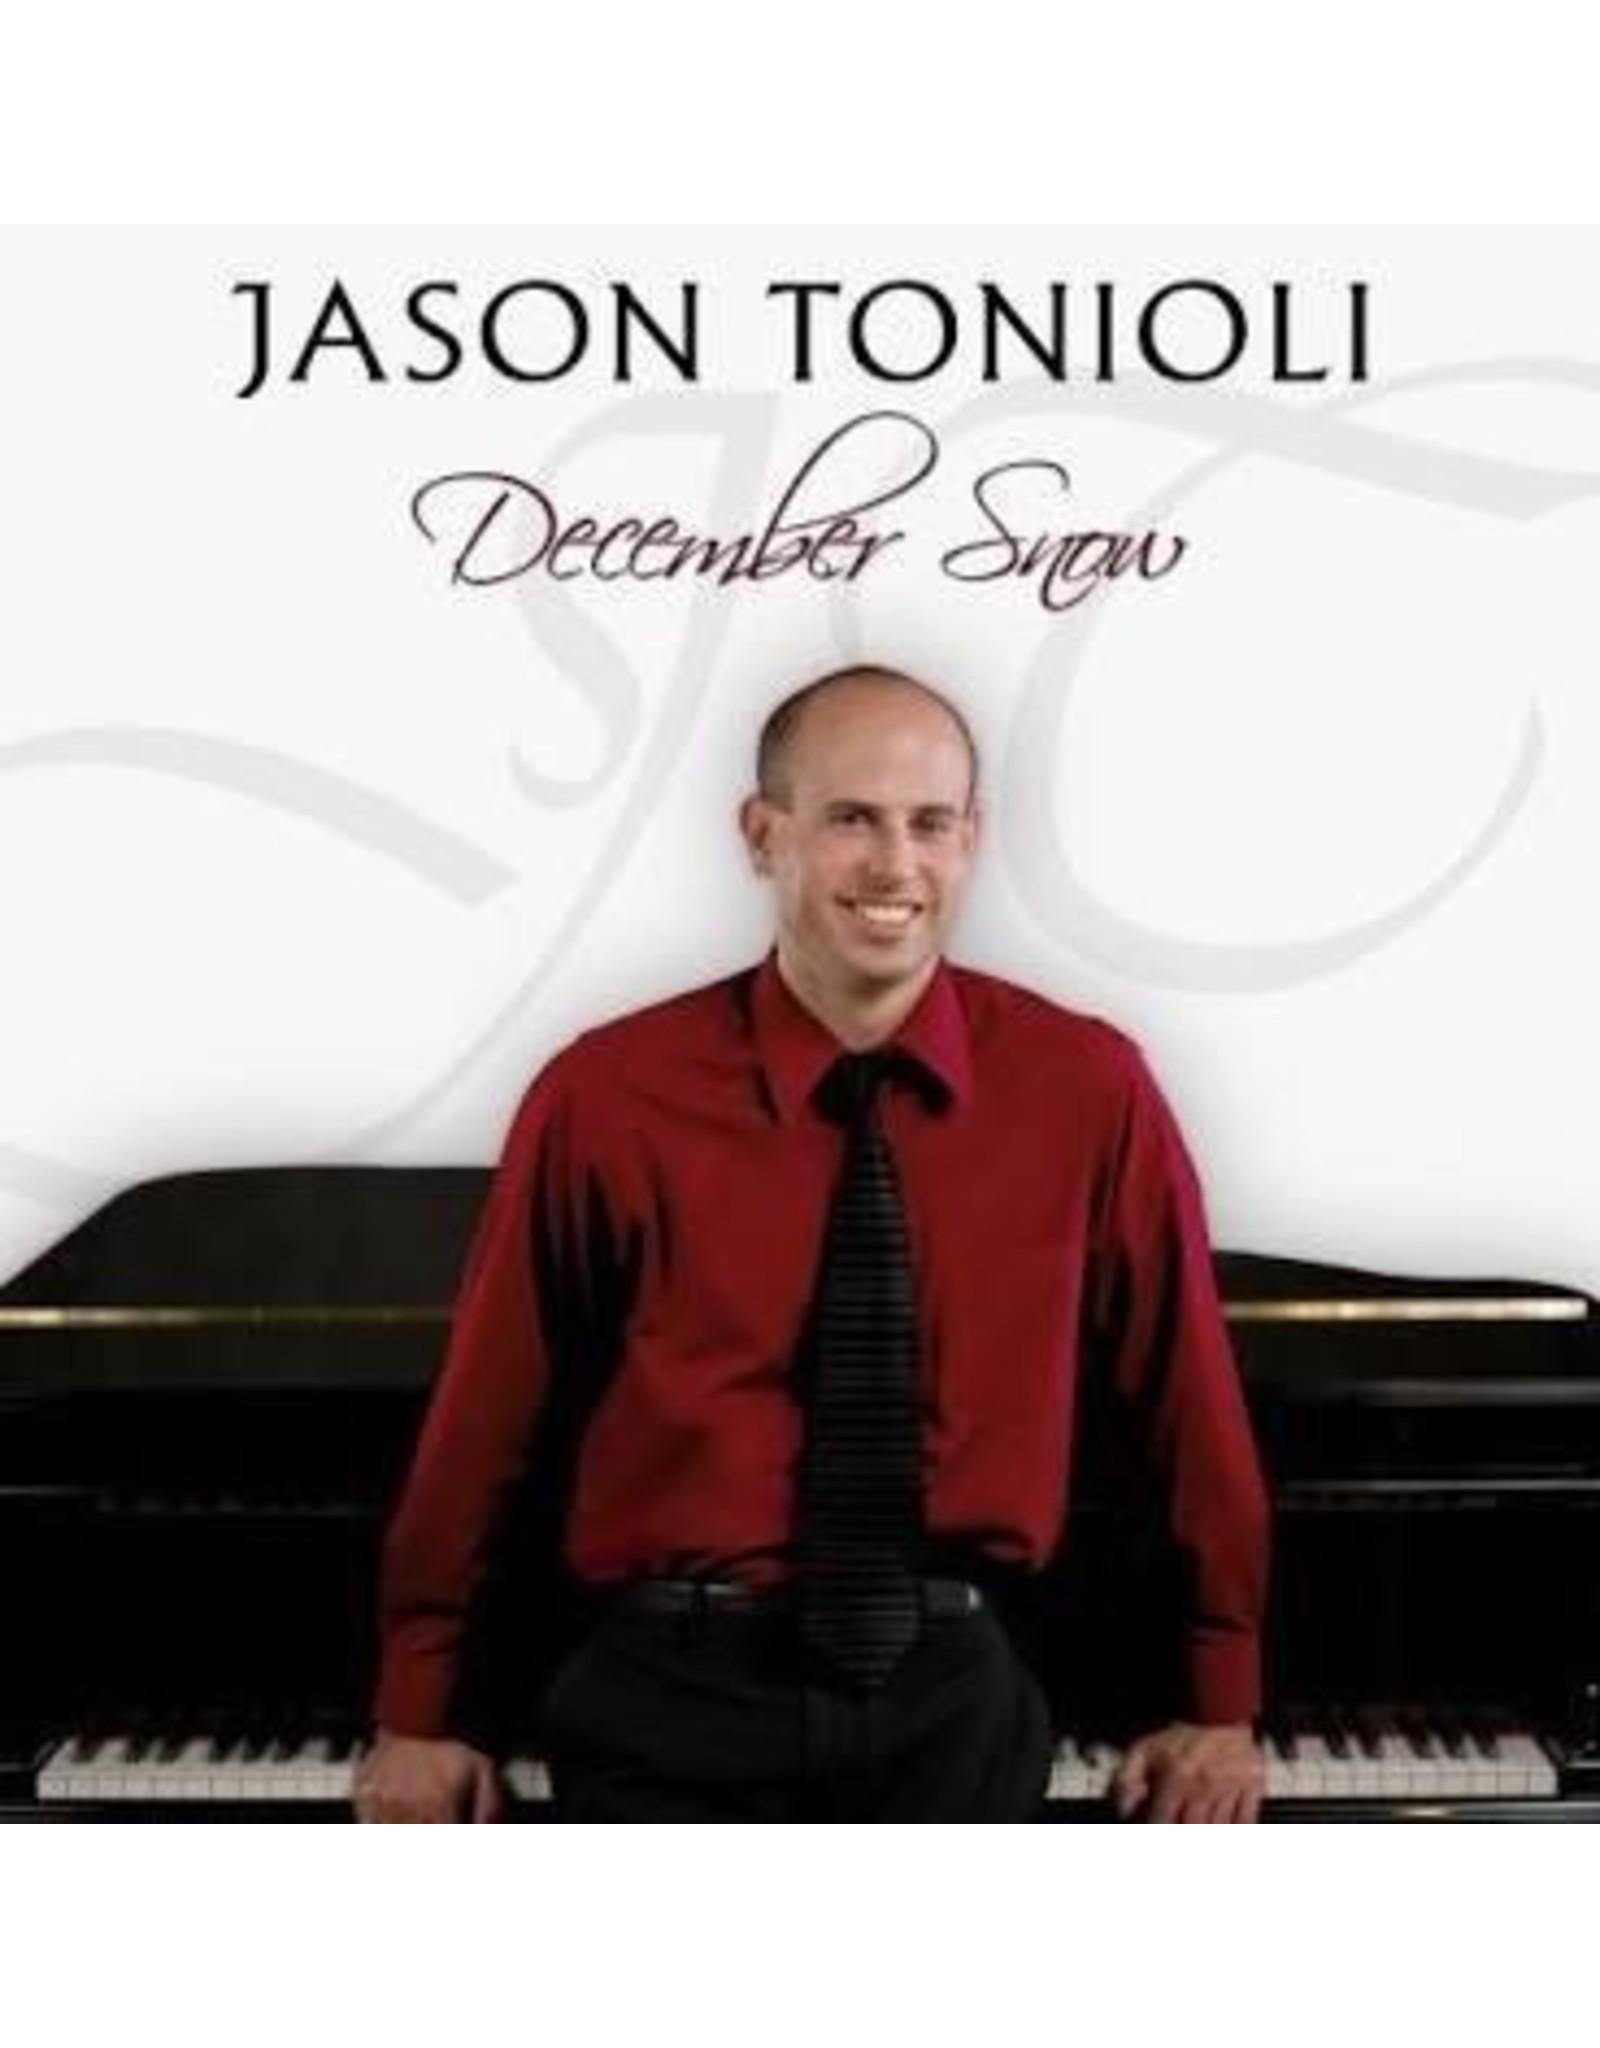 Deseret Book Jason Tonioli, December Snow CD